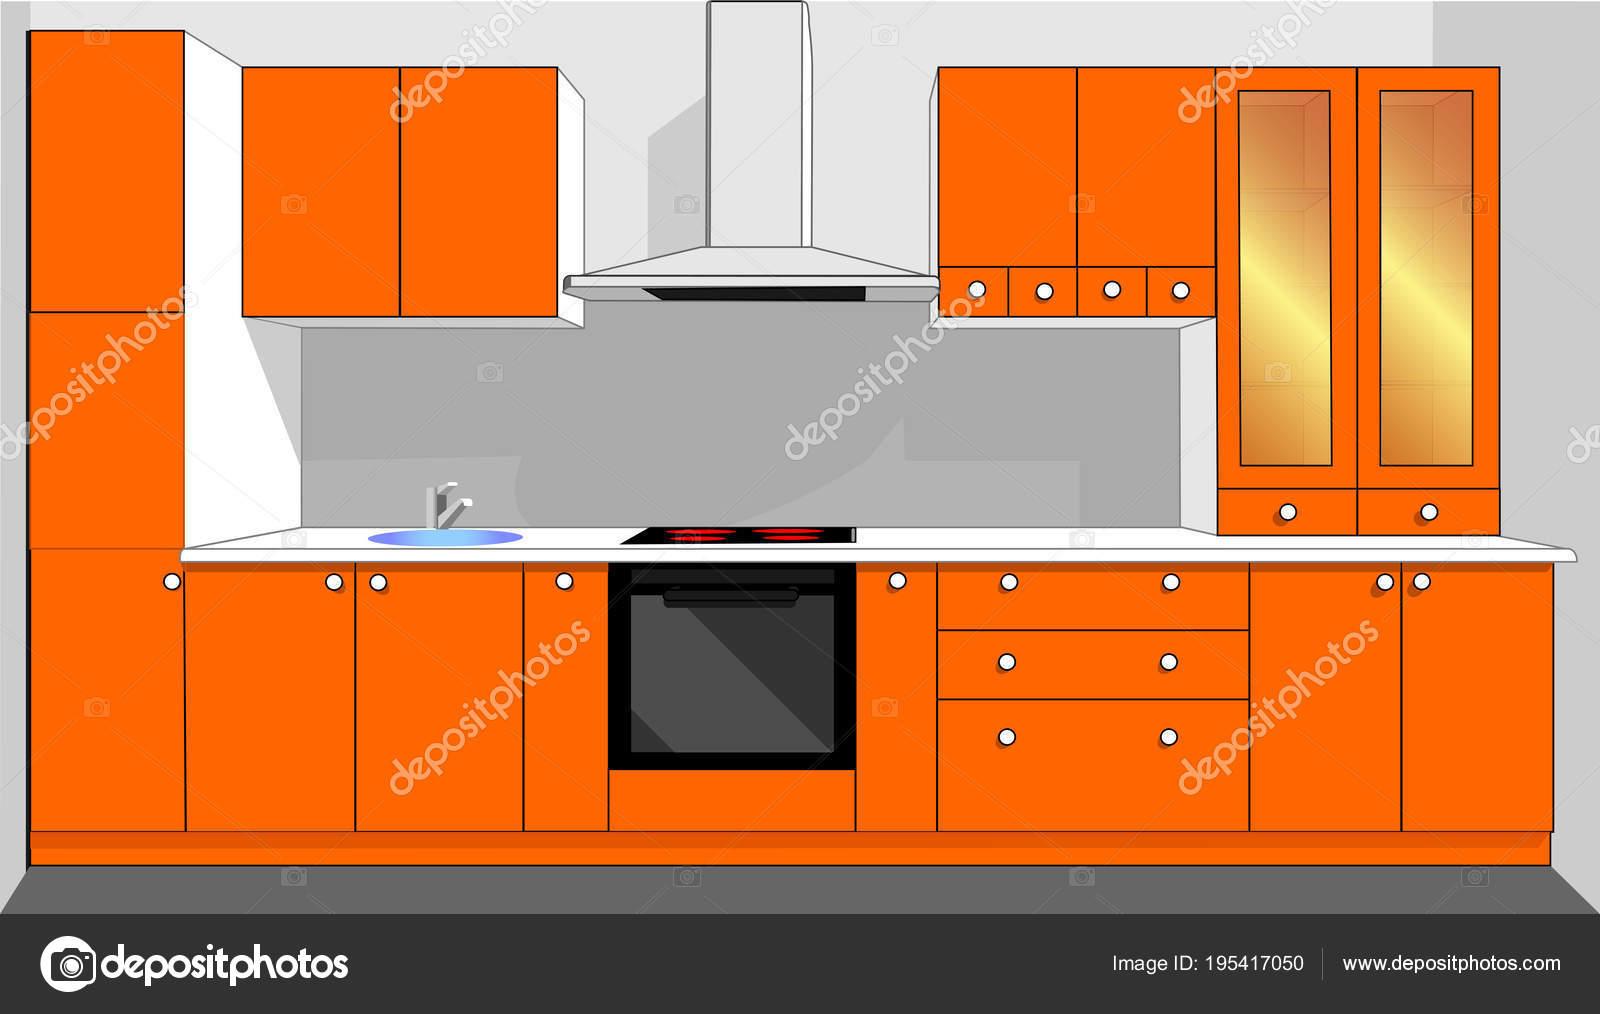 Meubles Cuisine Orange Vecteur U2014 Image Vectorielle